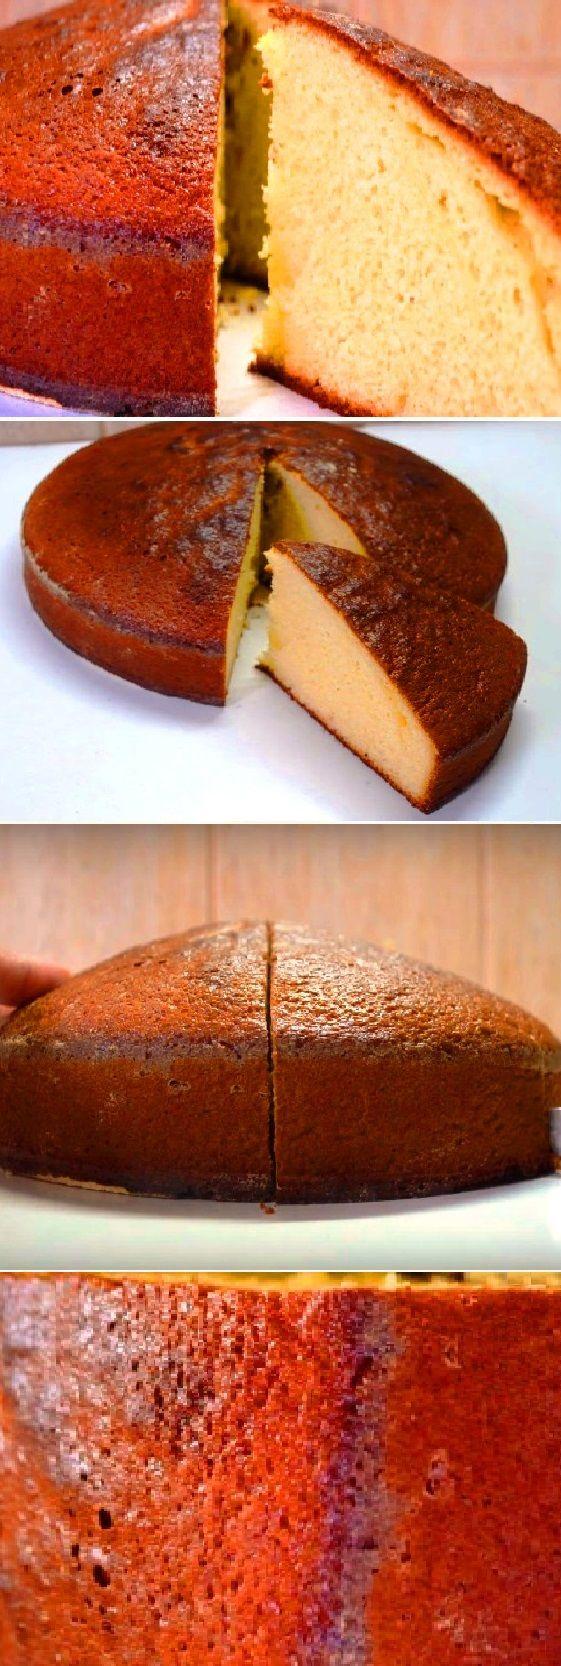 Cómo Hacer Bizcochuelo 1234 RICO y fácil. #1234 . #receta #recipe #casero #torta #tartas #pastel #nestlecocina #bizcocho #bizcochuelo #tasty #cocina #chocolate #pan #panes Si te gusta dinos HOLA y dale a Me Gusta MIREN…